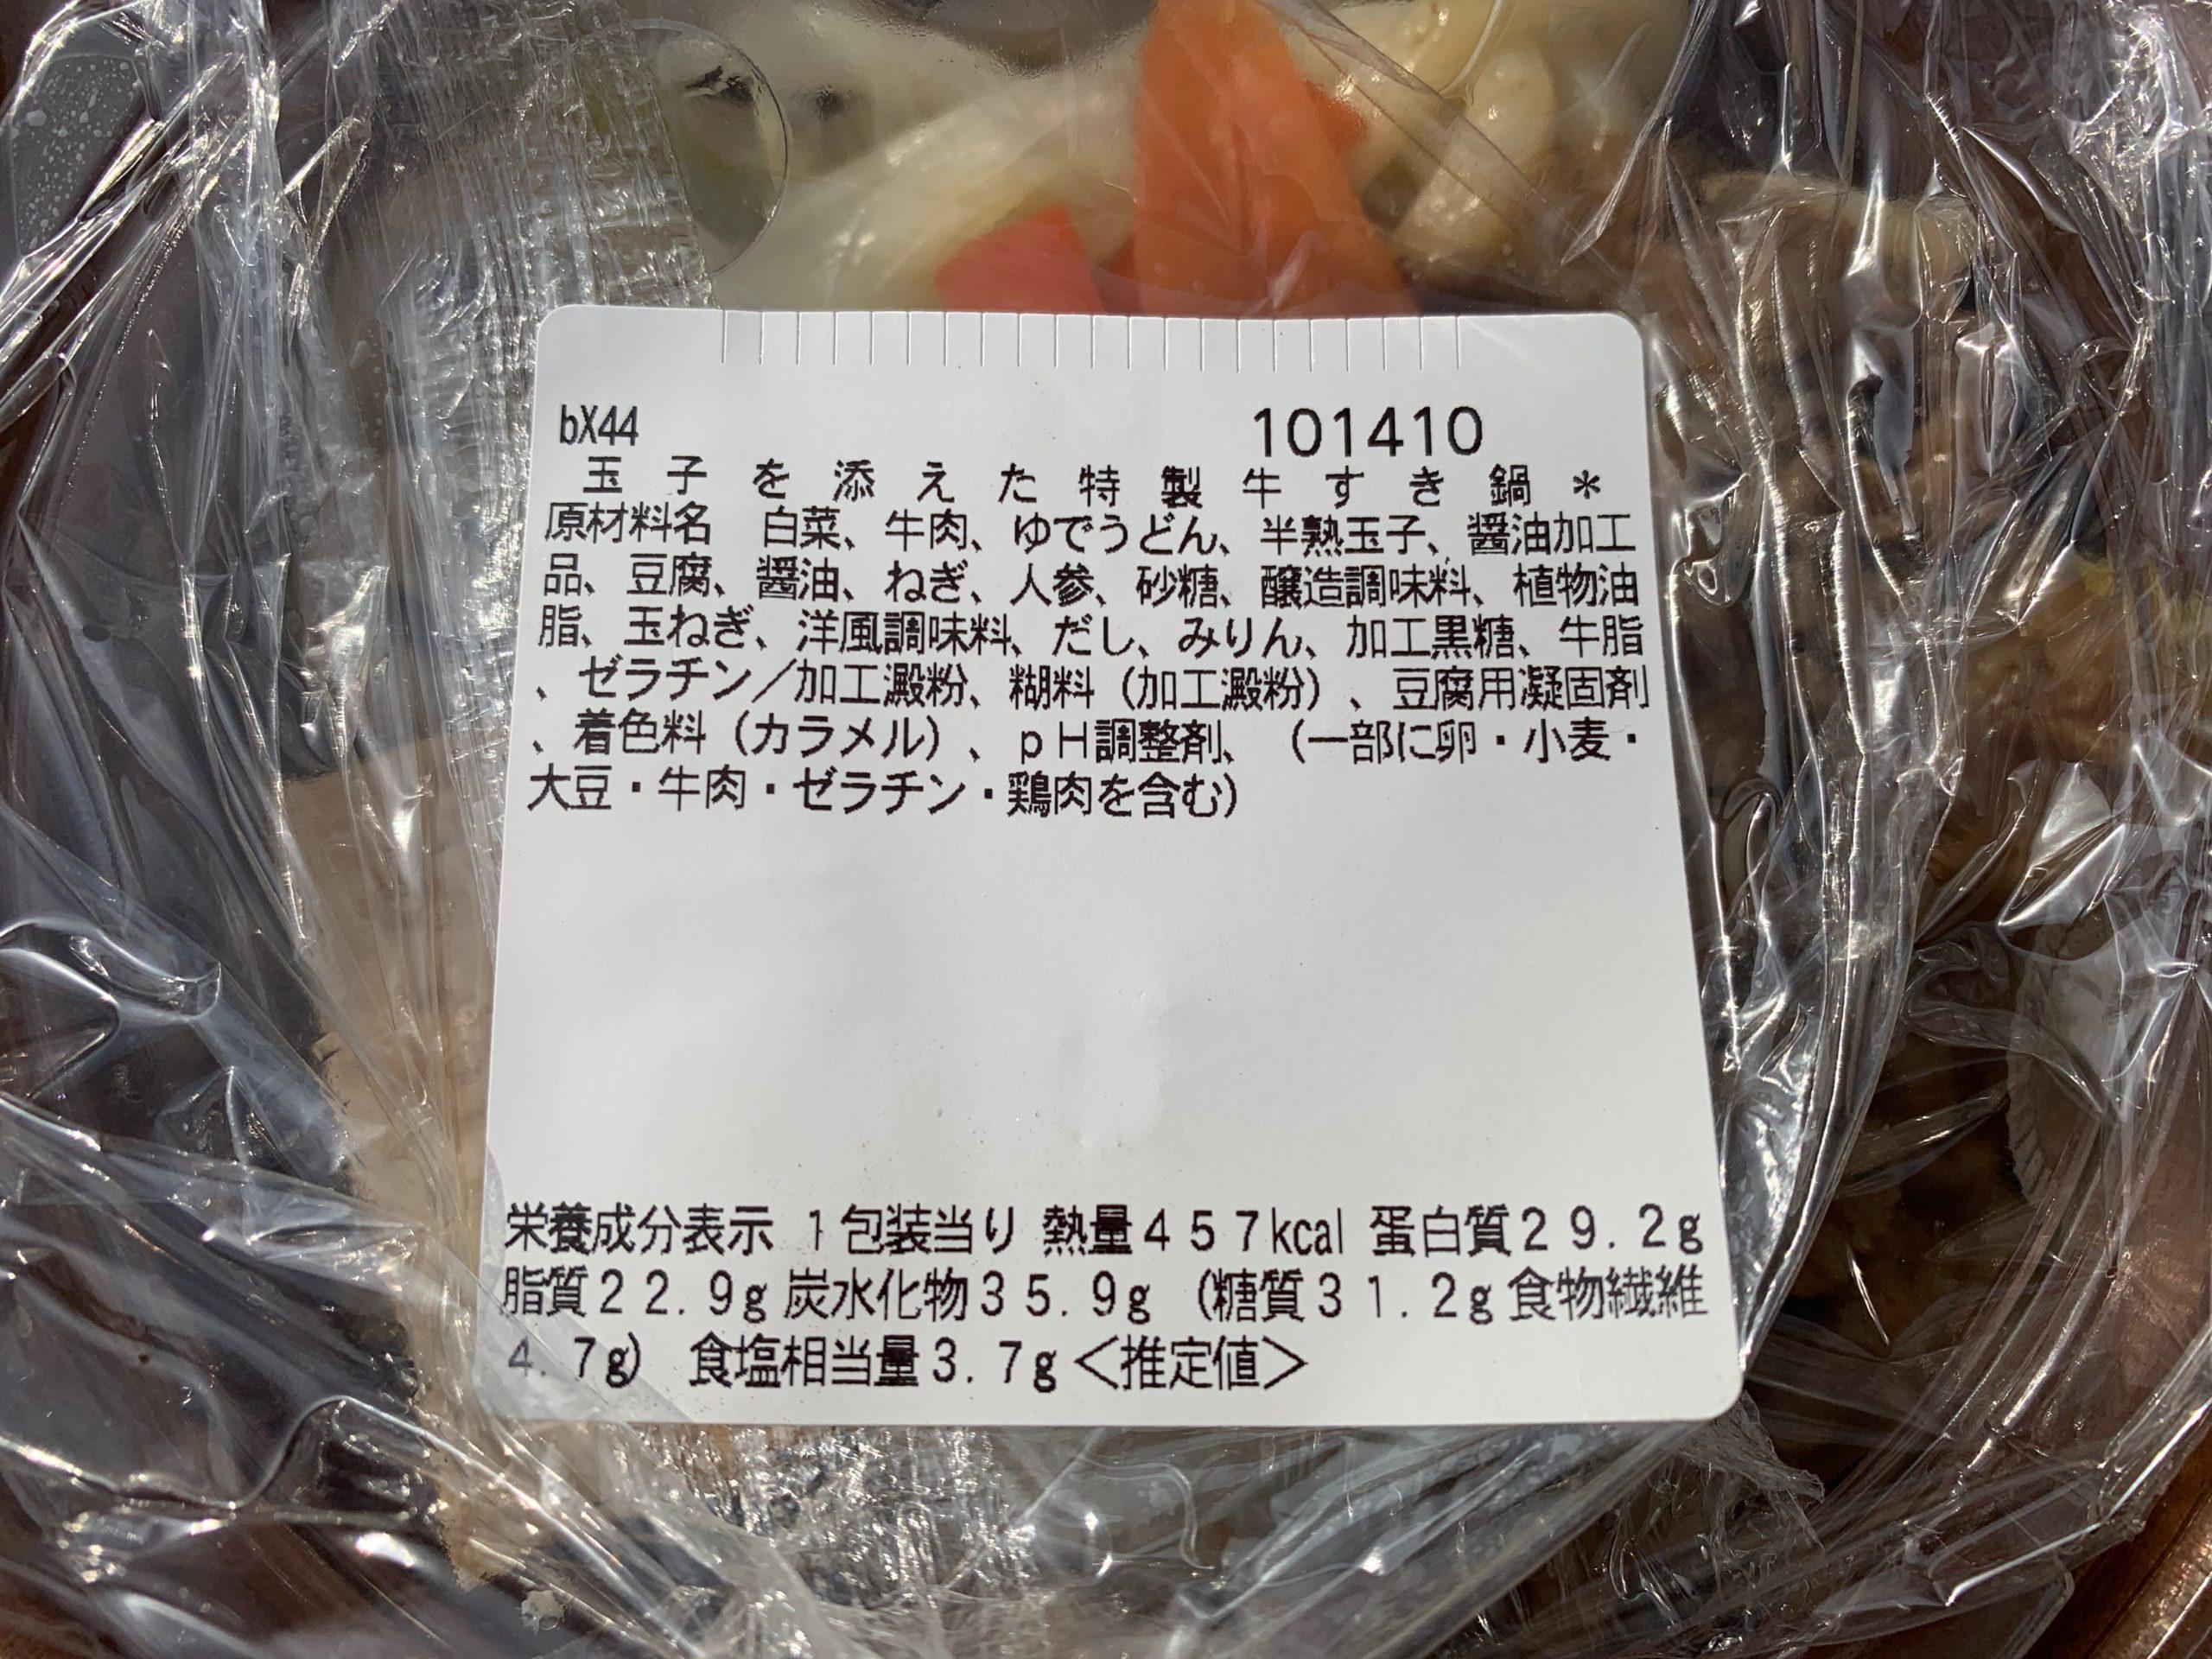 玉子を添えた特製牛すき鍋の原材料と栄養成分